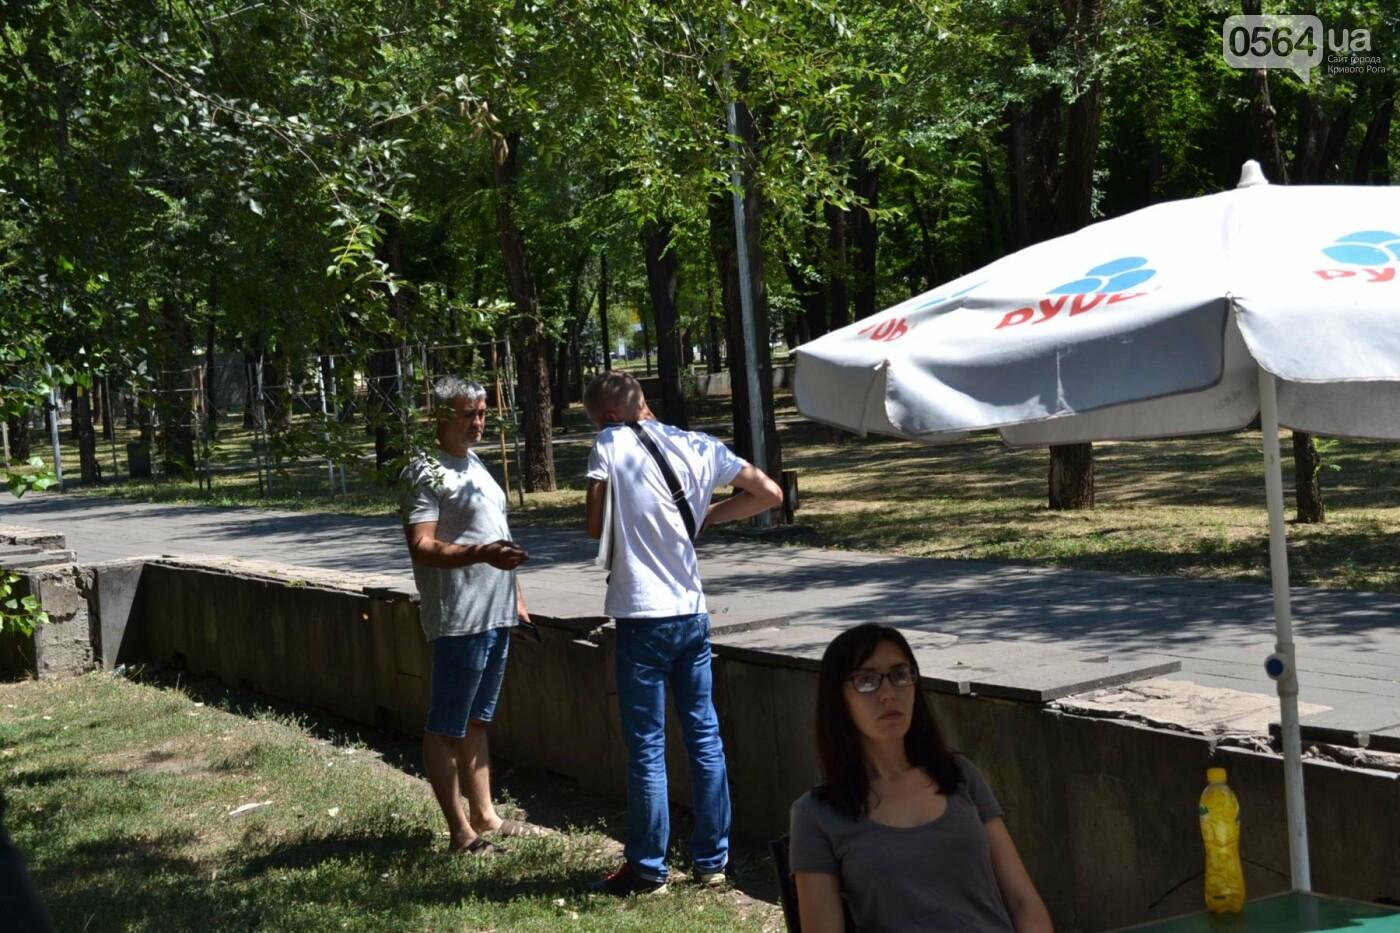 """В Кривом Роге активисты обнаружили очередную """"наливайку"""", а полицейский назвал это """"фигней"""", - ФОТО, ВИДЕО, фото-24"""